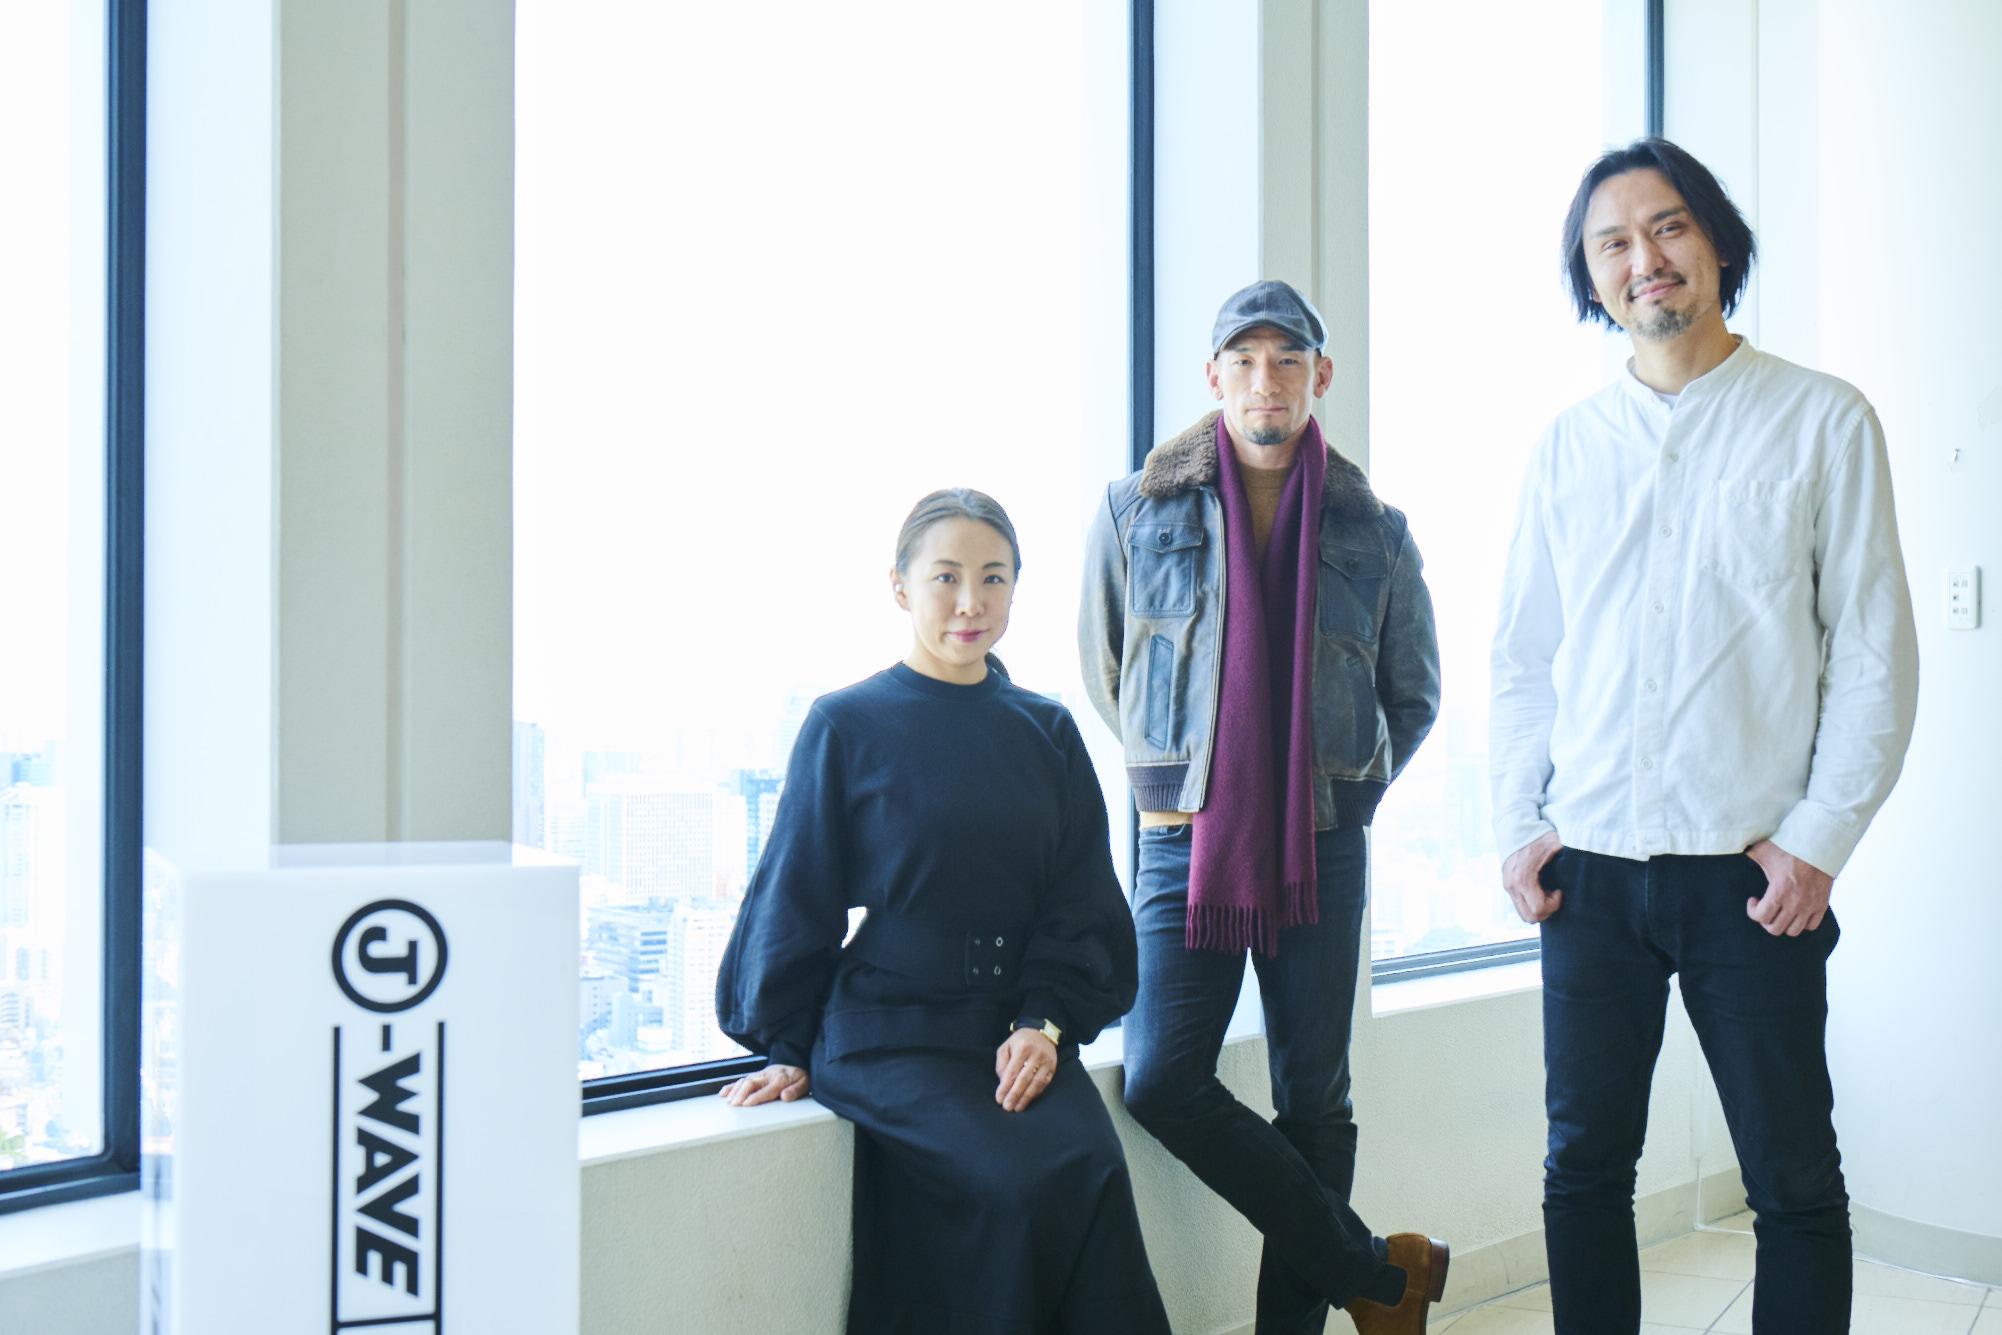 中田英寿、日本の魅力を届ける活動の「新しいカタチになると思います」 日本の酒、食、文化が愉しめるエンターテインメントレストランが「高輪ゲートウェイ駅」に3月オープン